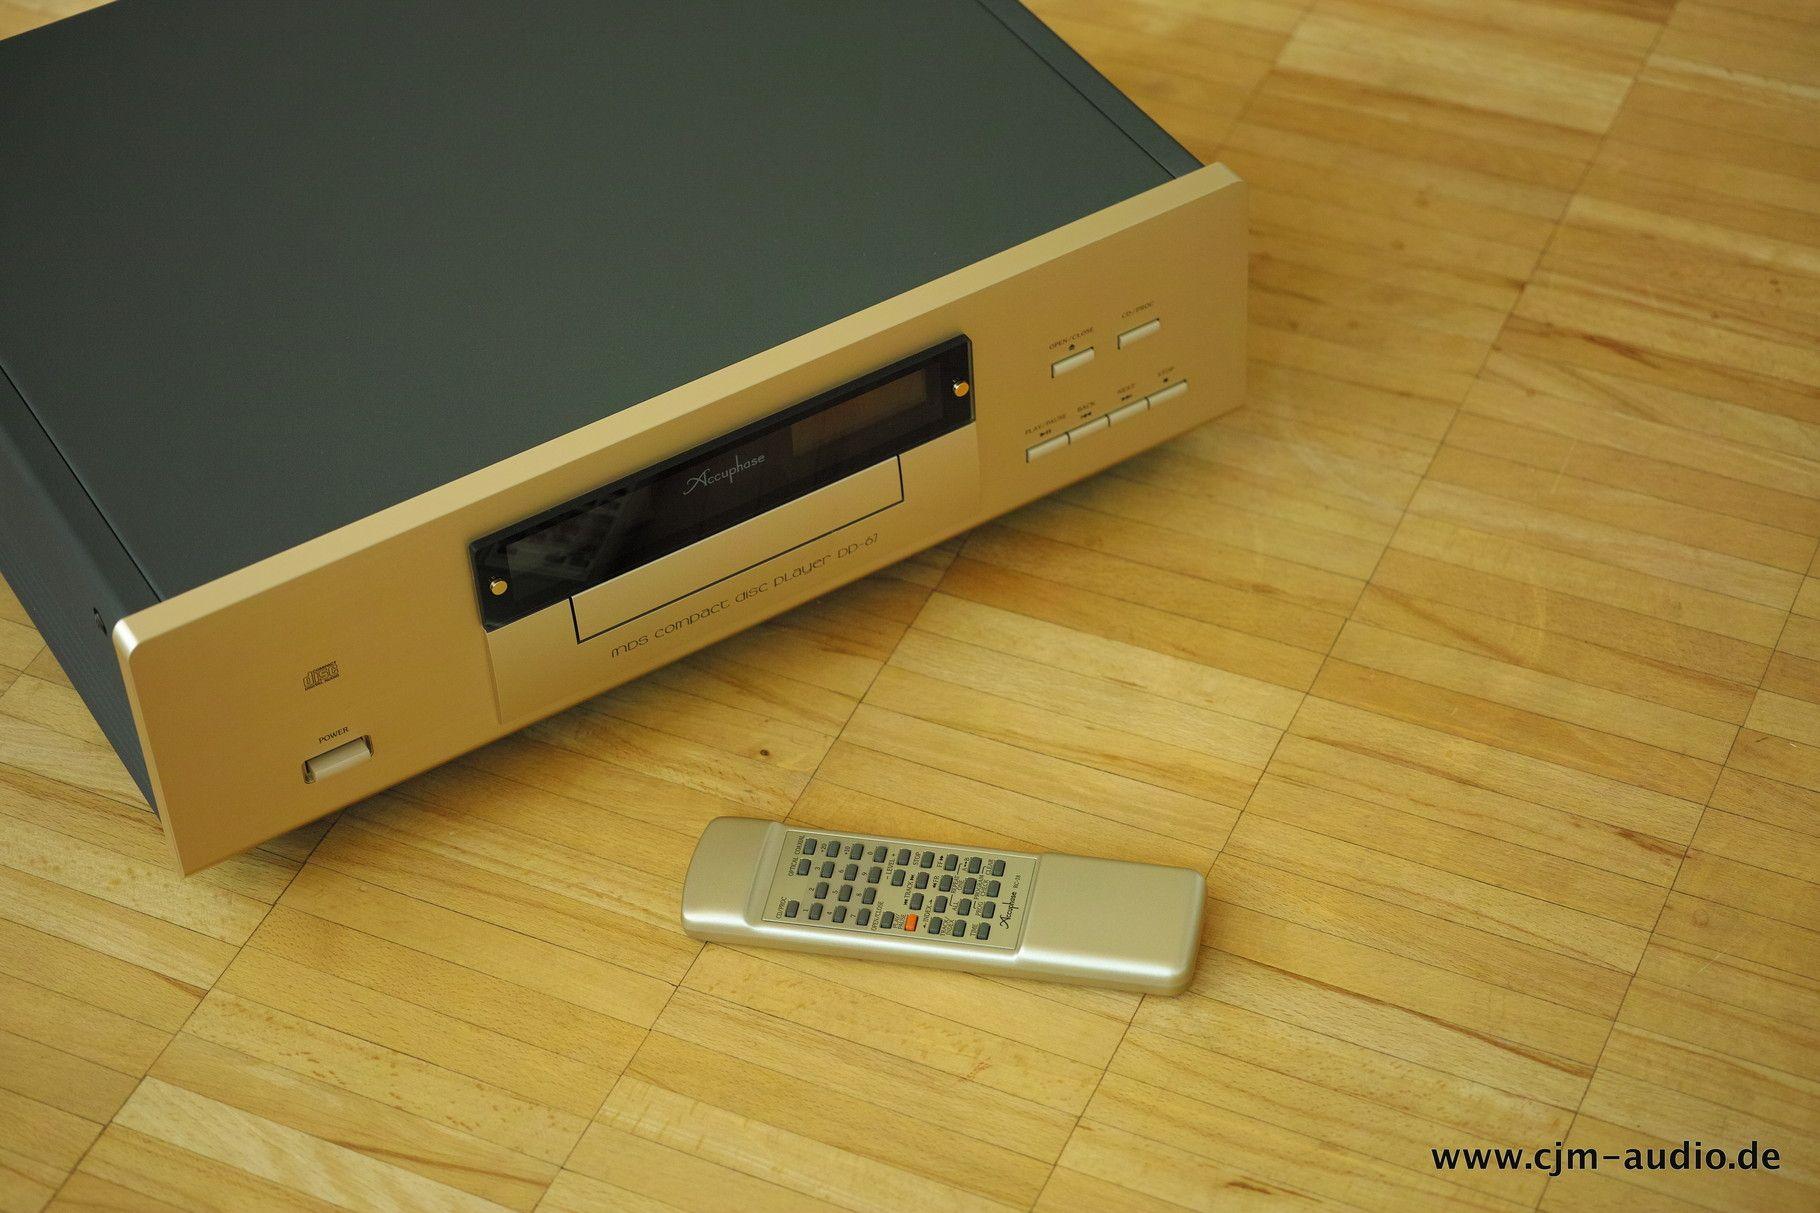 Accuphase - cjm-audio High End Audiomarkt für Gebrauchtgeräte